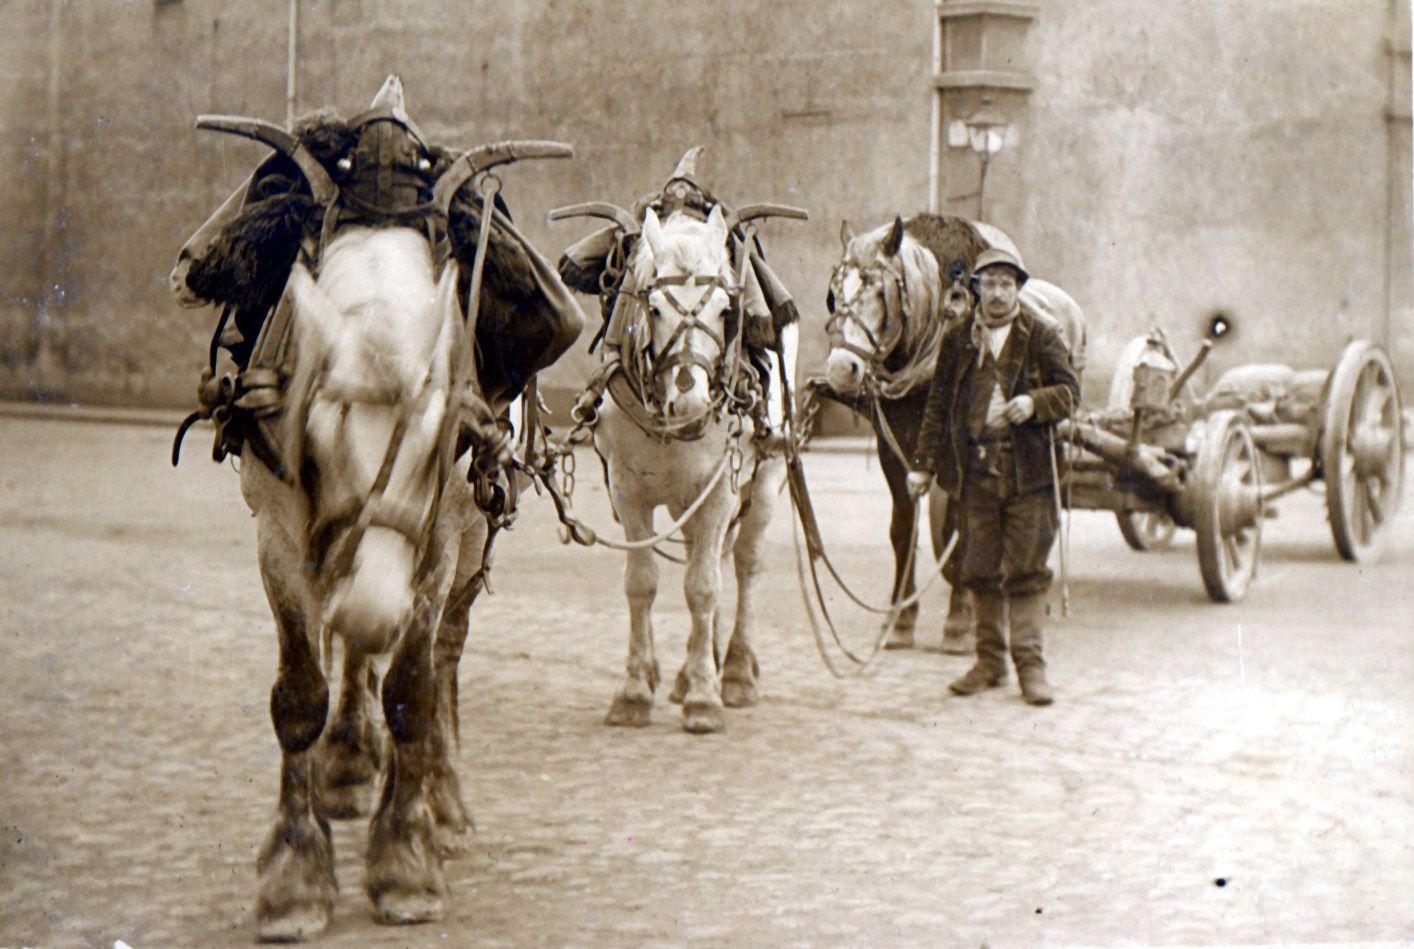 Portrait d'un roulier dans la Loire. Les chevaux de devant (devancier et chevillier) portent des colliers typiquement méridionaux tandis que le limonier porte un collier « à planches » couvert de sa housse. Une tradition qu'on retrouve du Dauphiné au Languedoc, et dans le Roussillon.